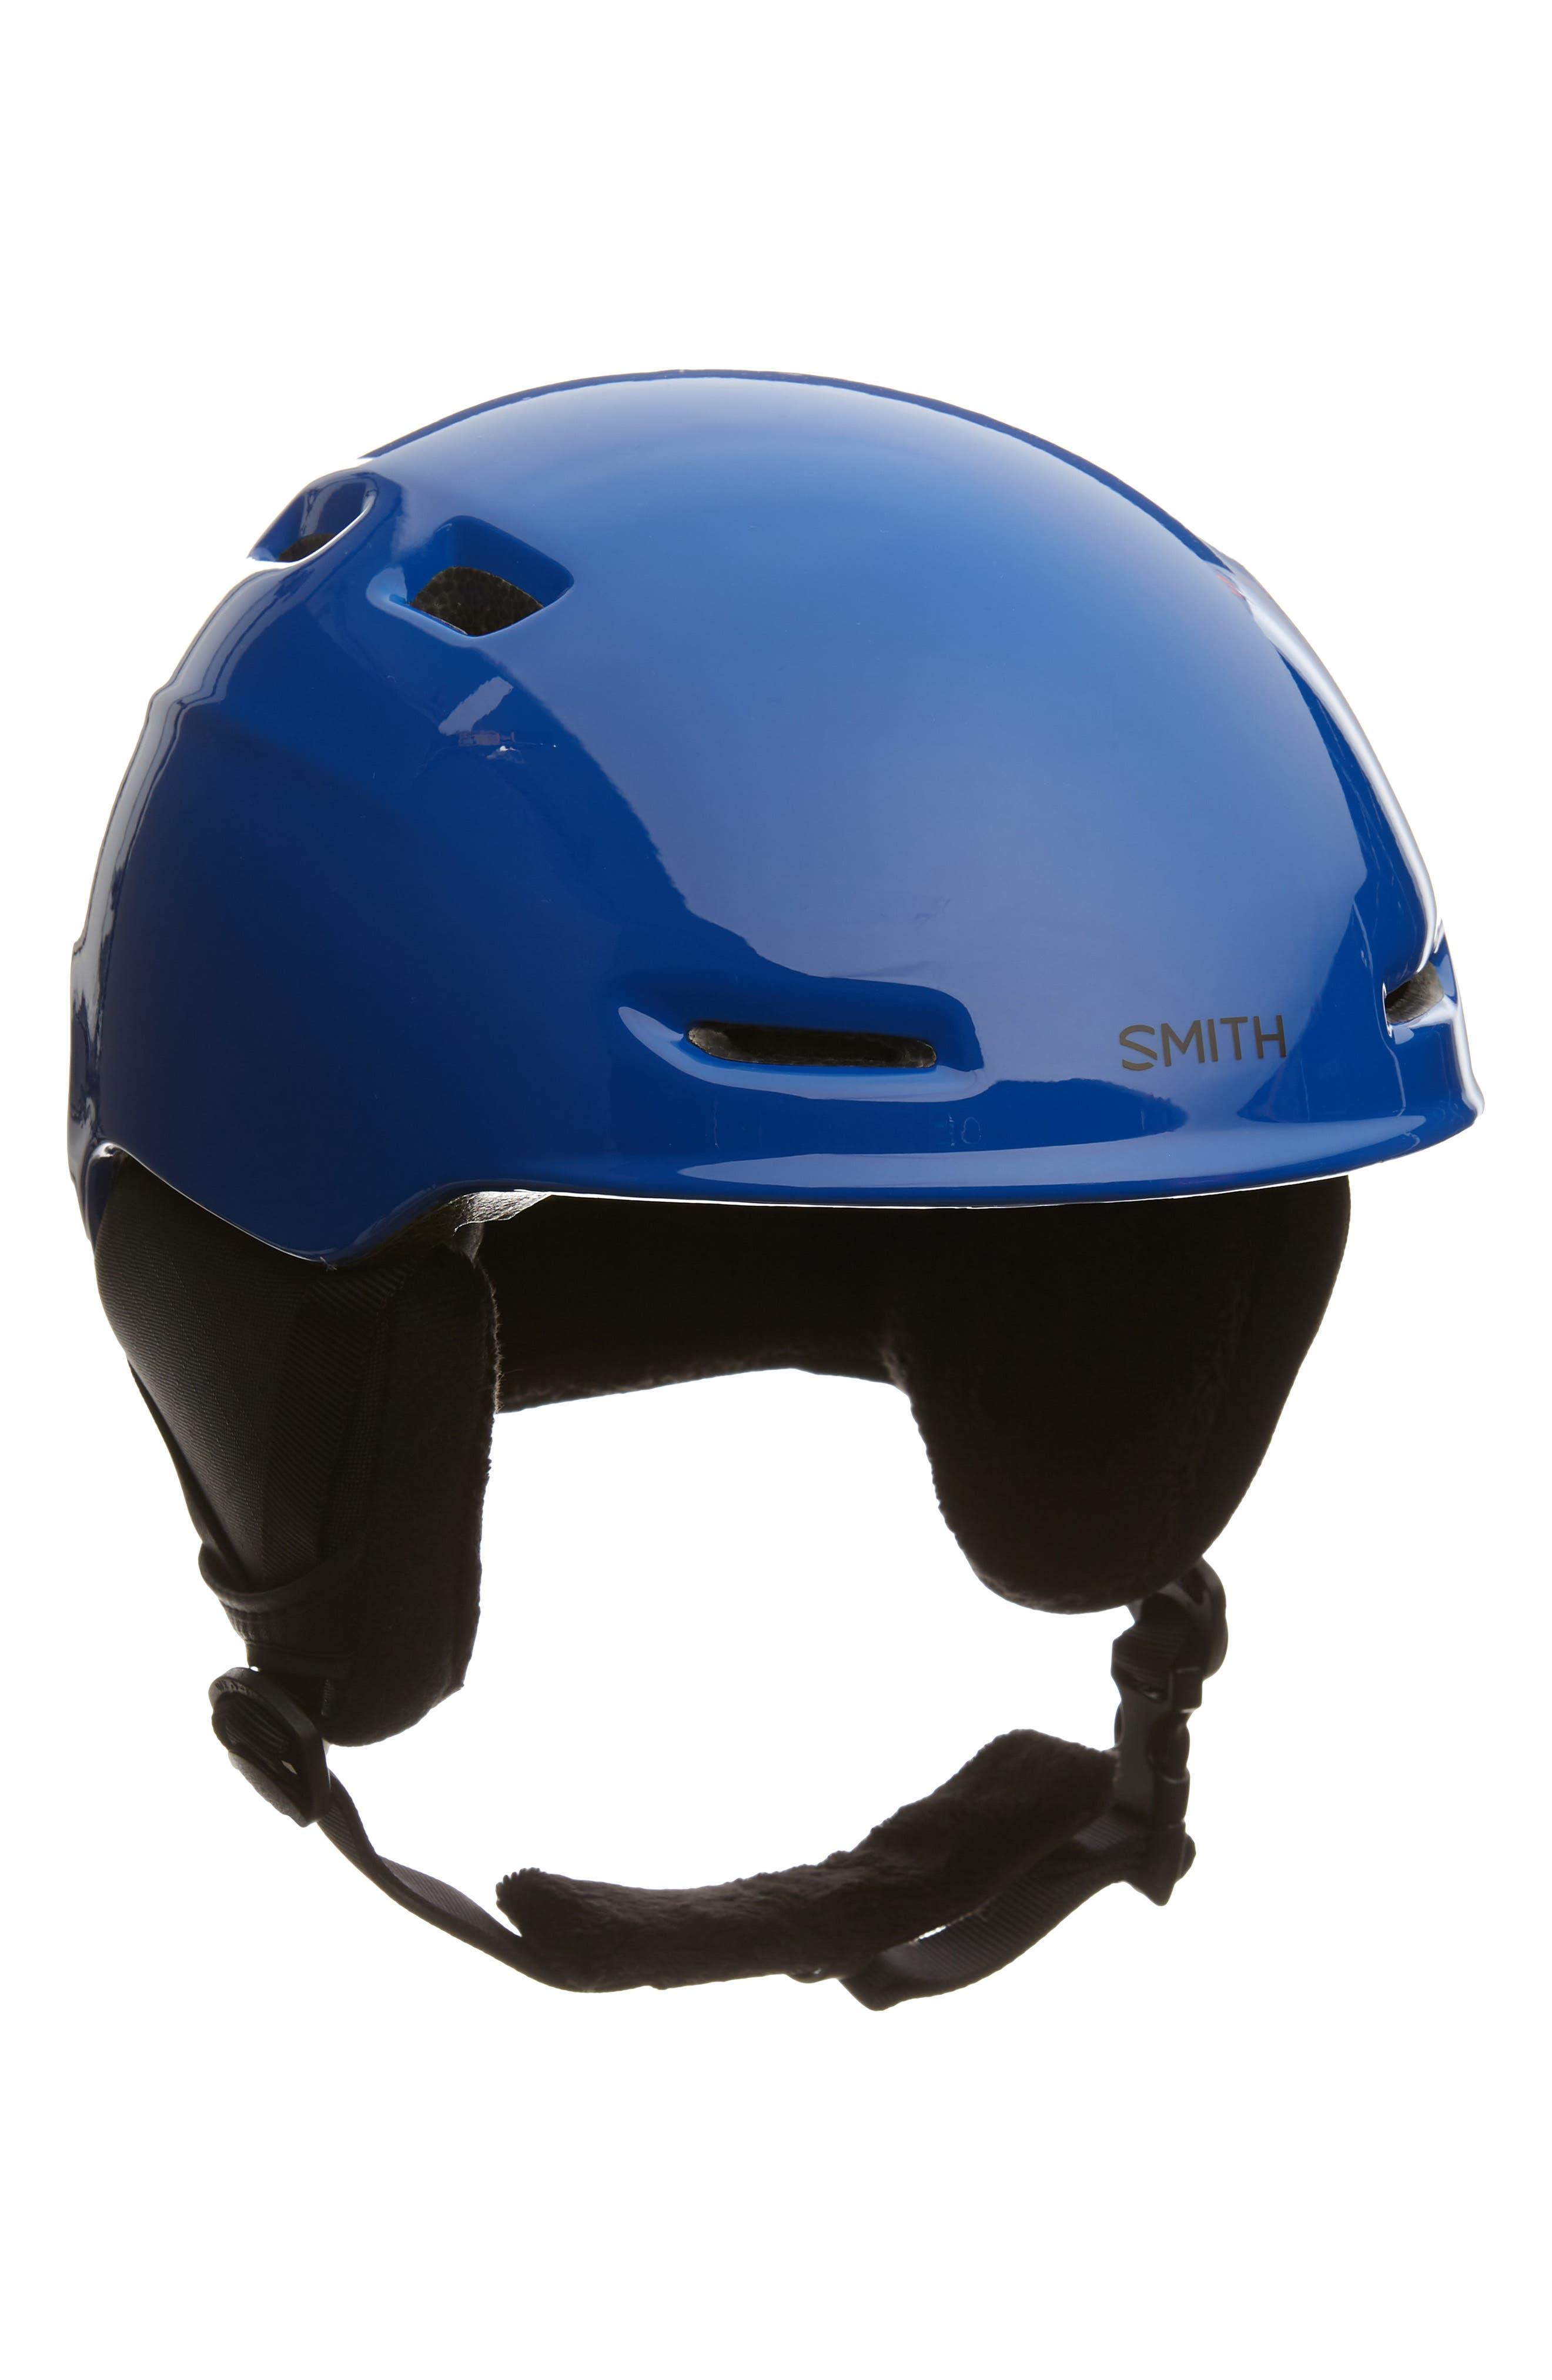 'Zoom Jr.' Snow Helmet,                             Main thumbnail 1, color,                             BLUE